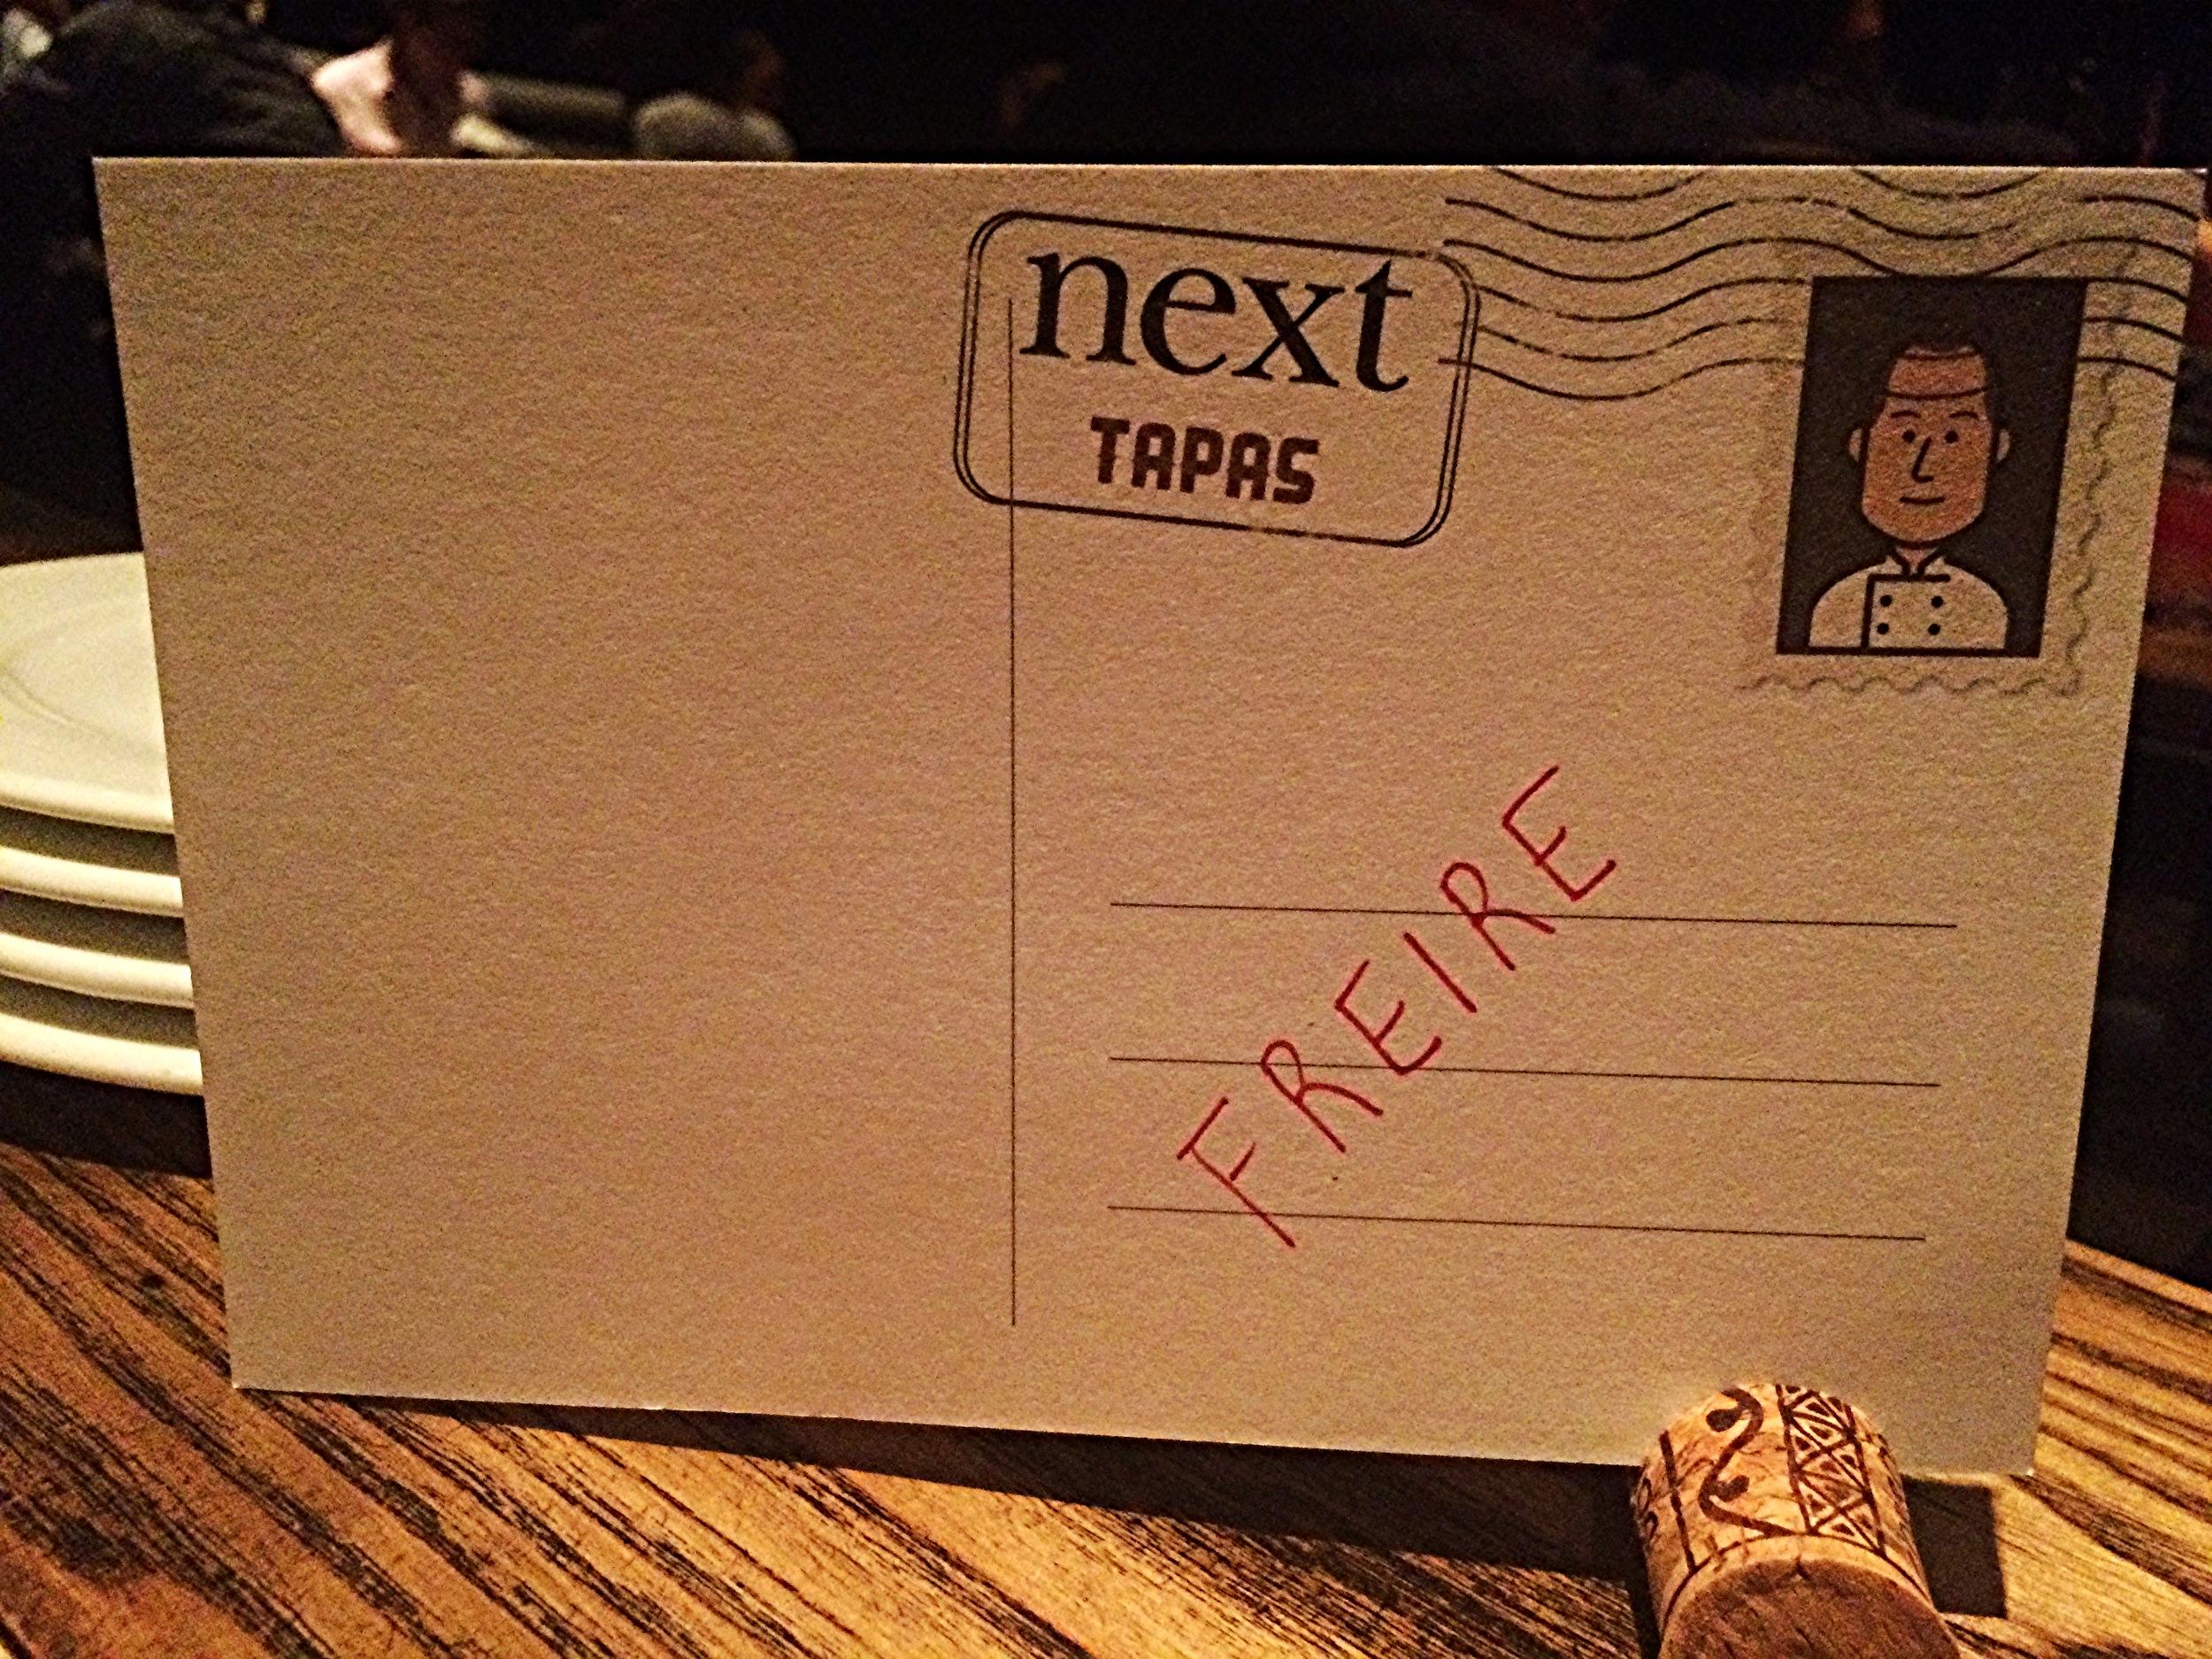 Quando chegamos, a mesa estava com este cartão postal com meu primeiro sobrenome identificando a reserva.